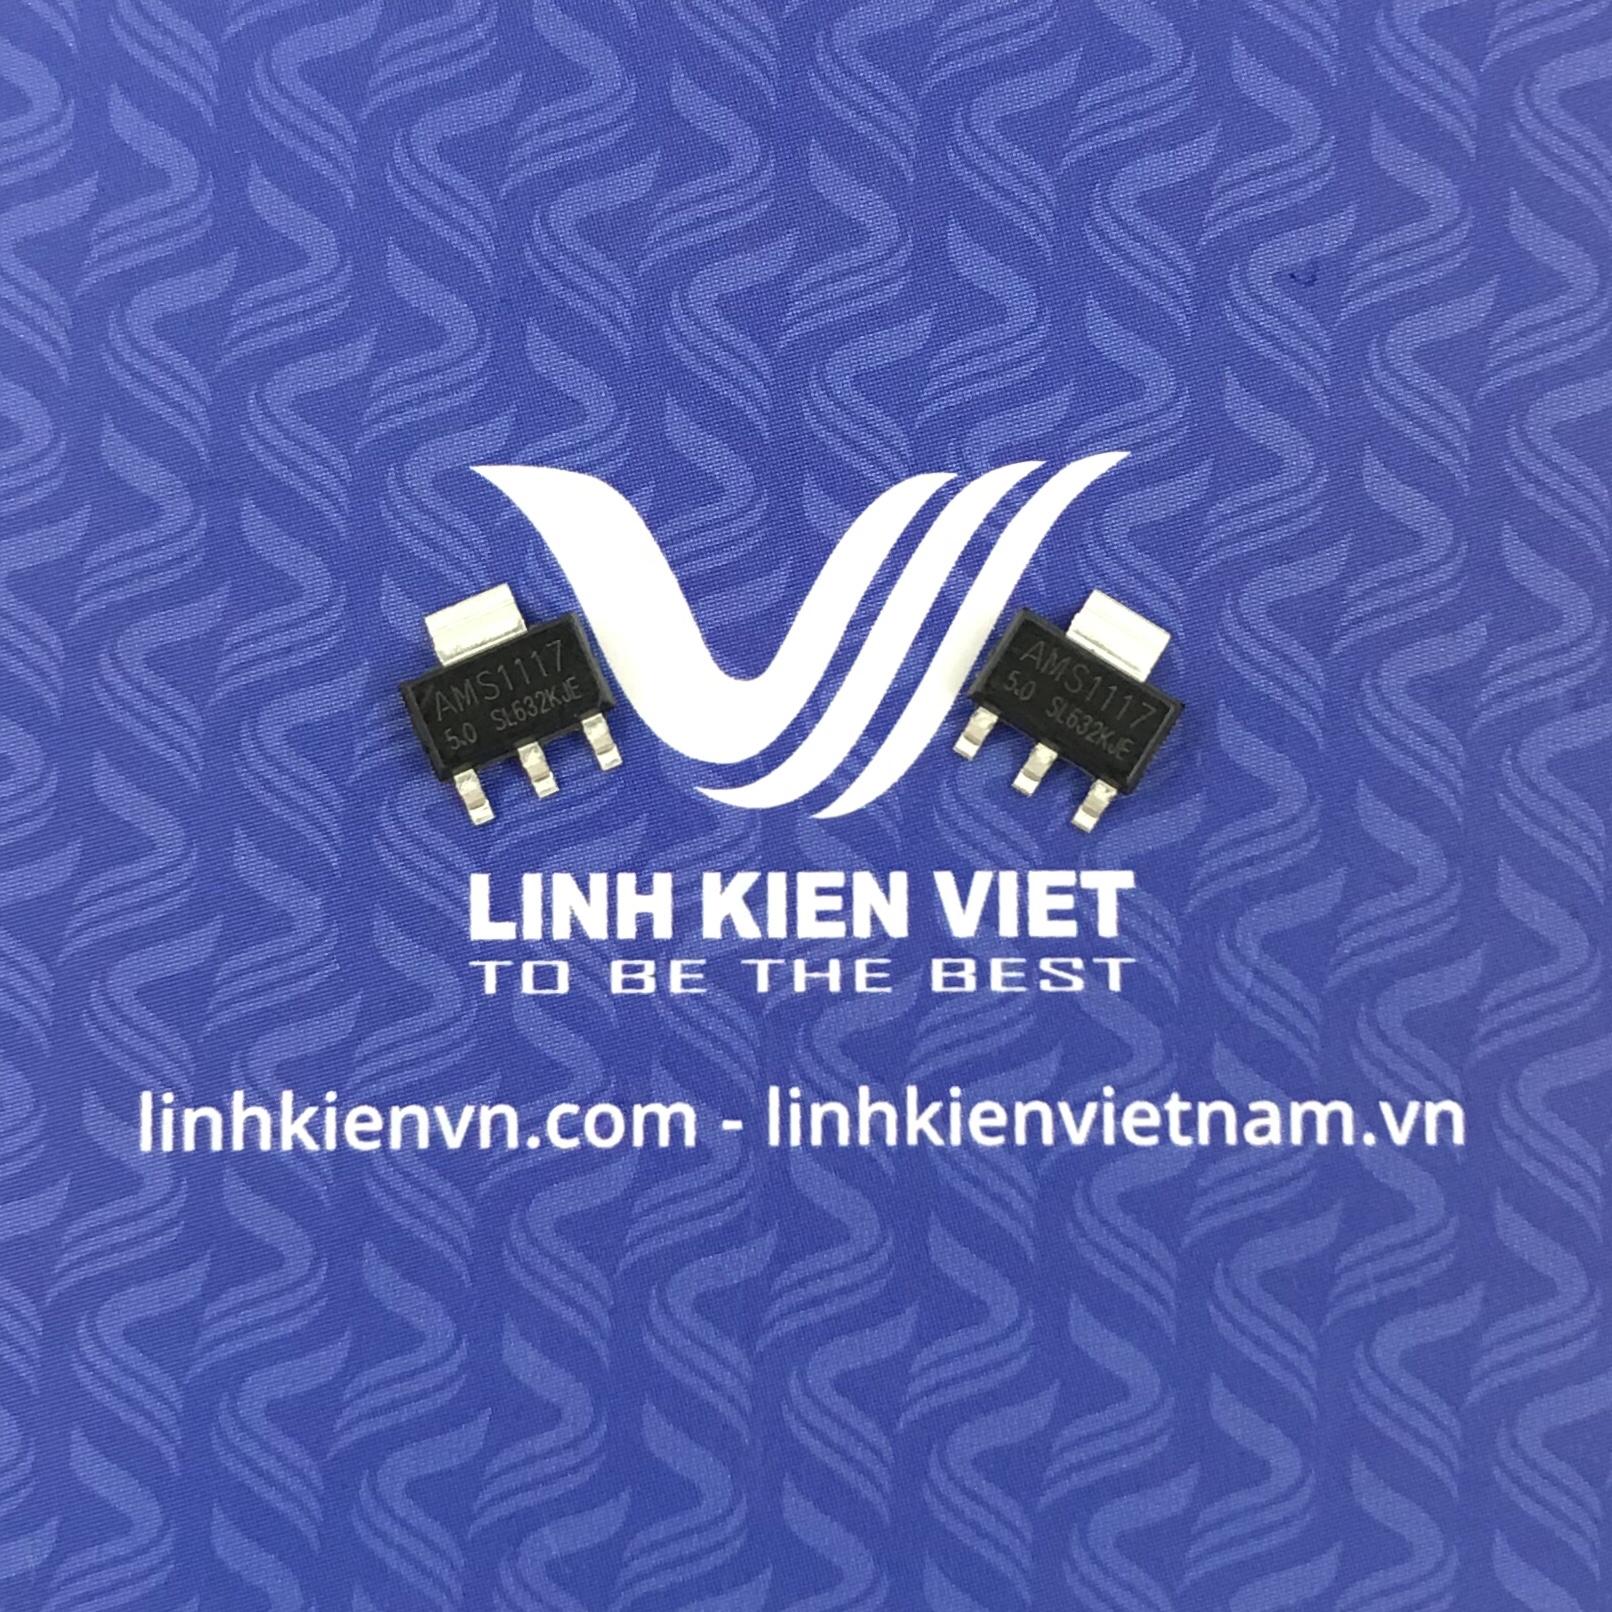 LM1117 ASM1117 5V SOT-223 - F10H9